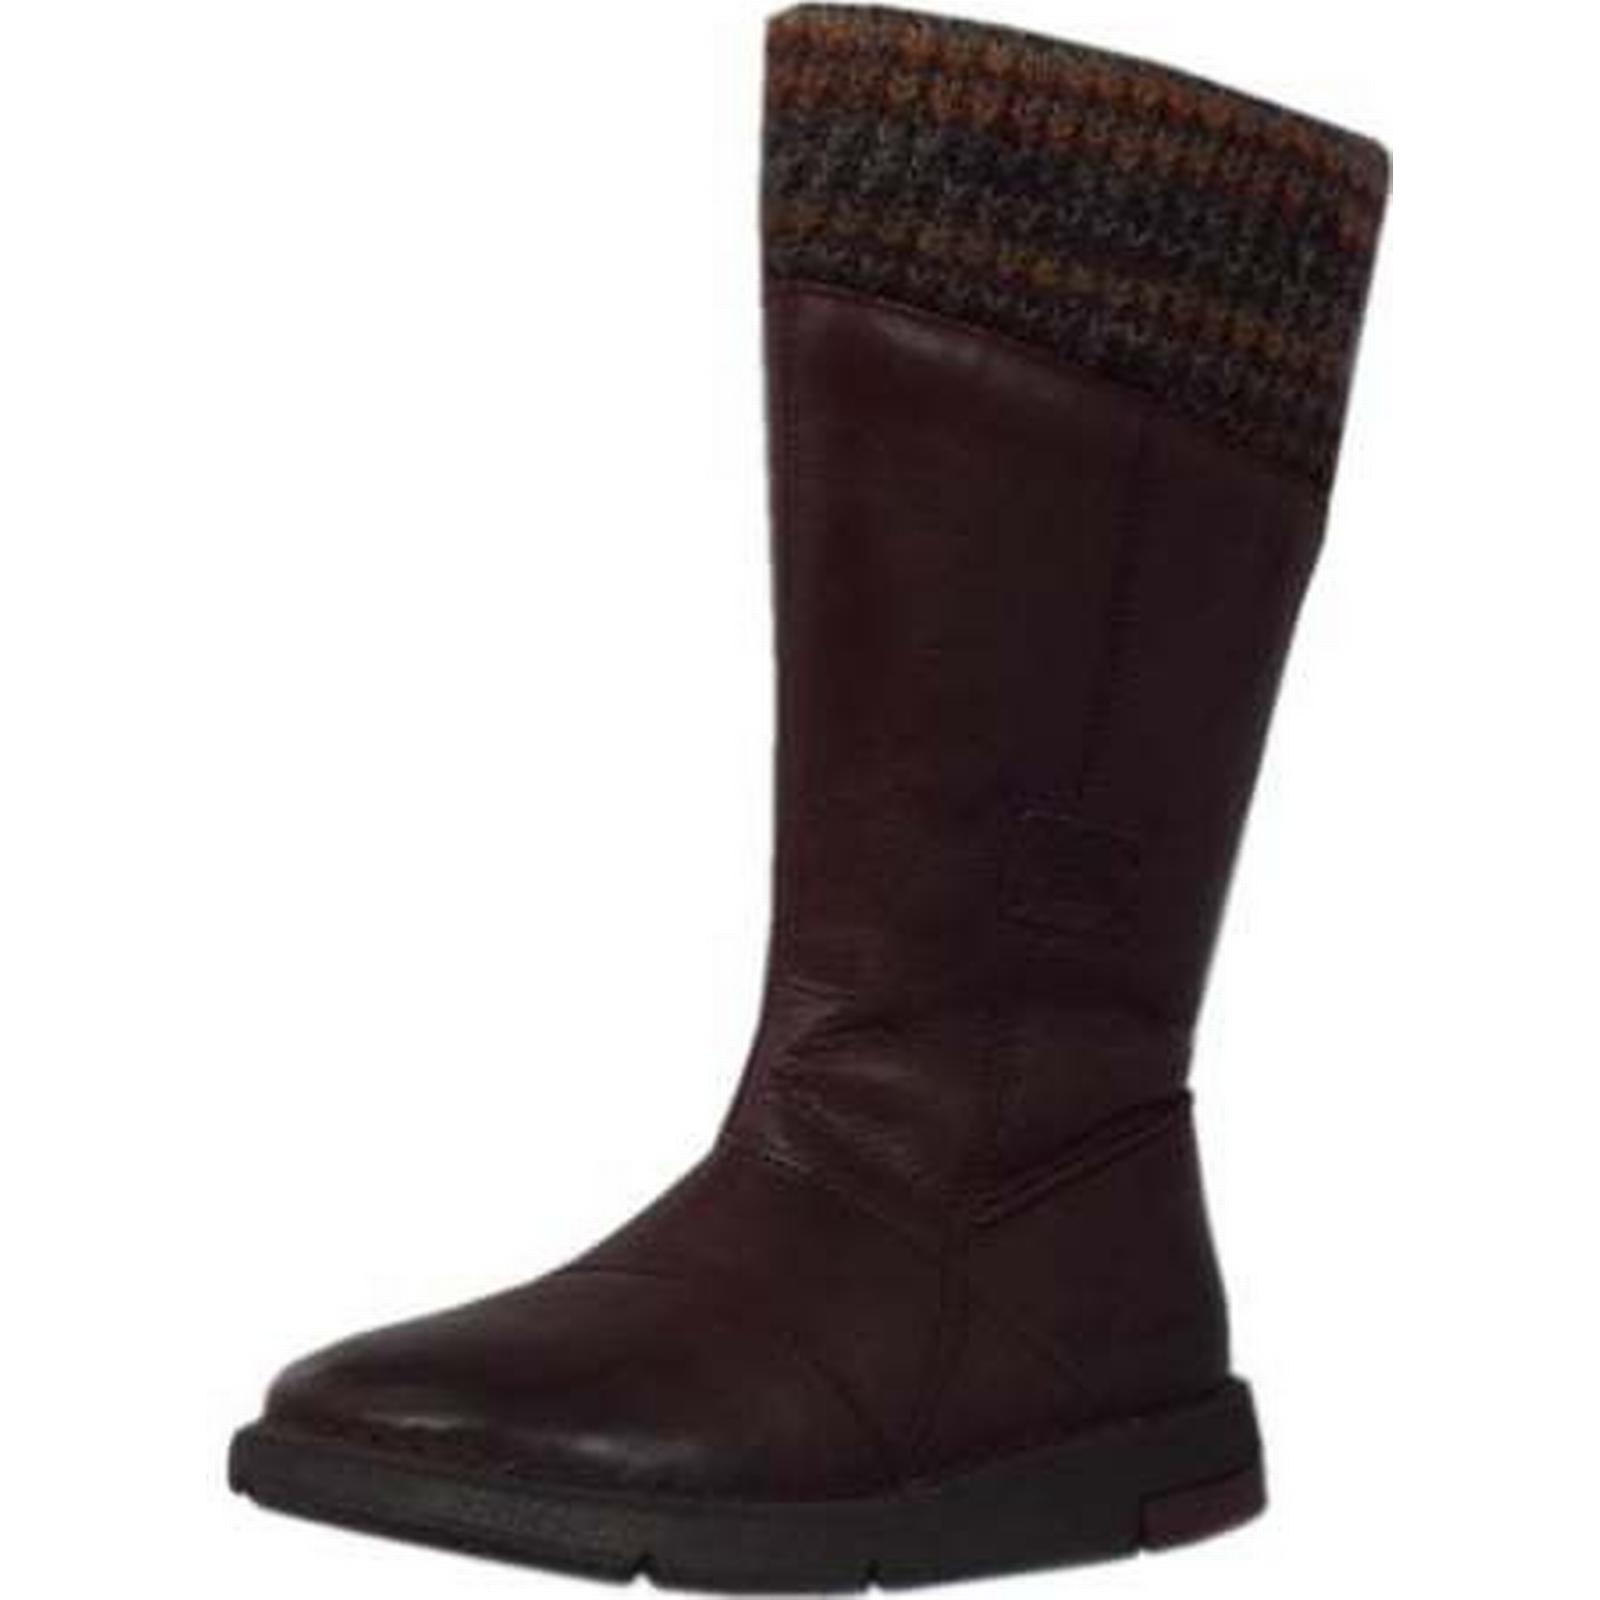 stephanie camel atique mesdames 4.5, bottes taille: 4.5, mesdames couleur: bordeaux 61a53f